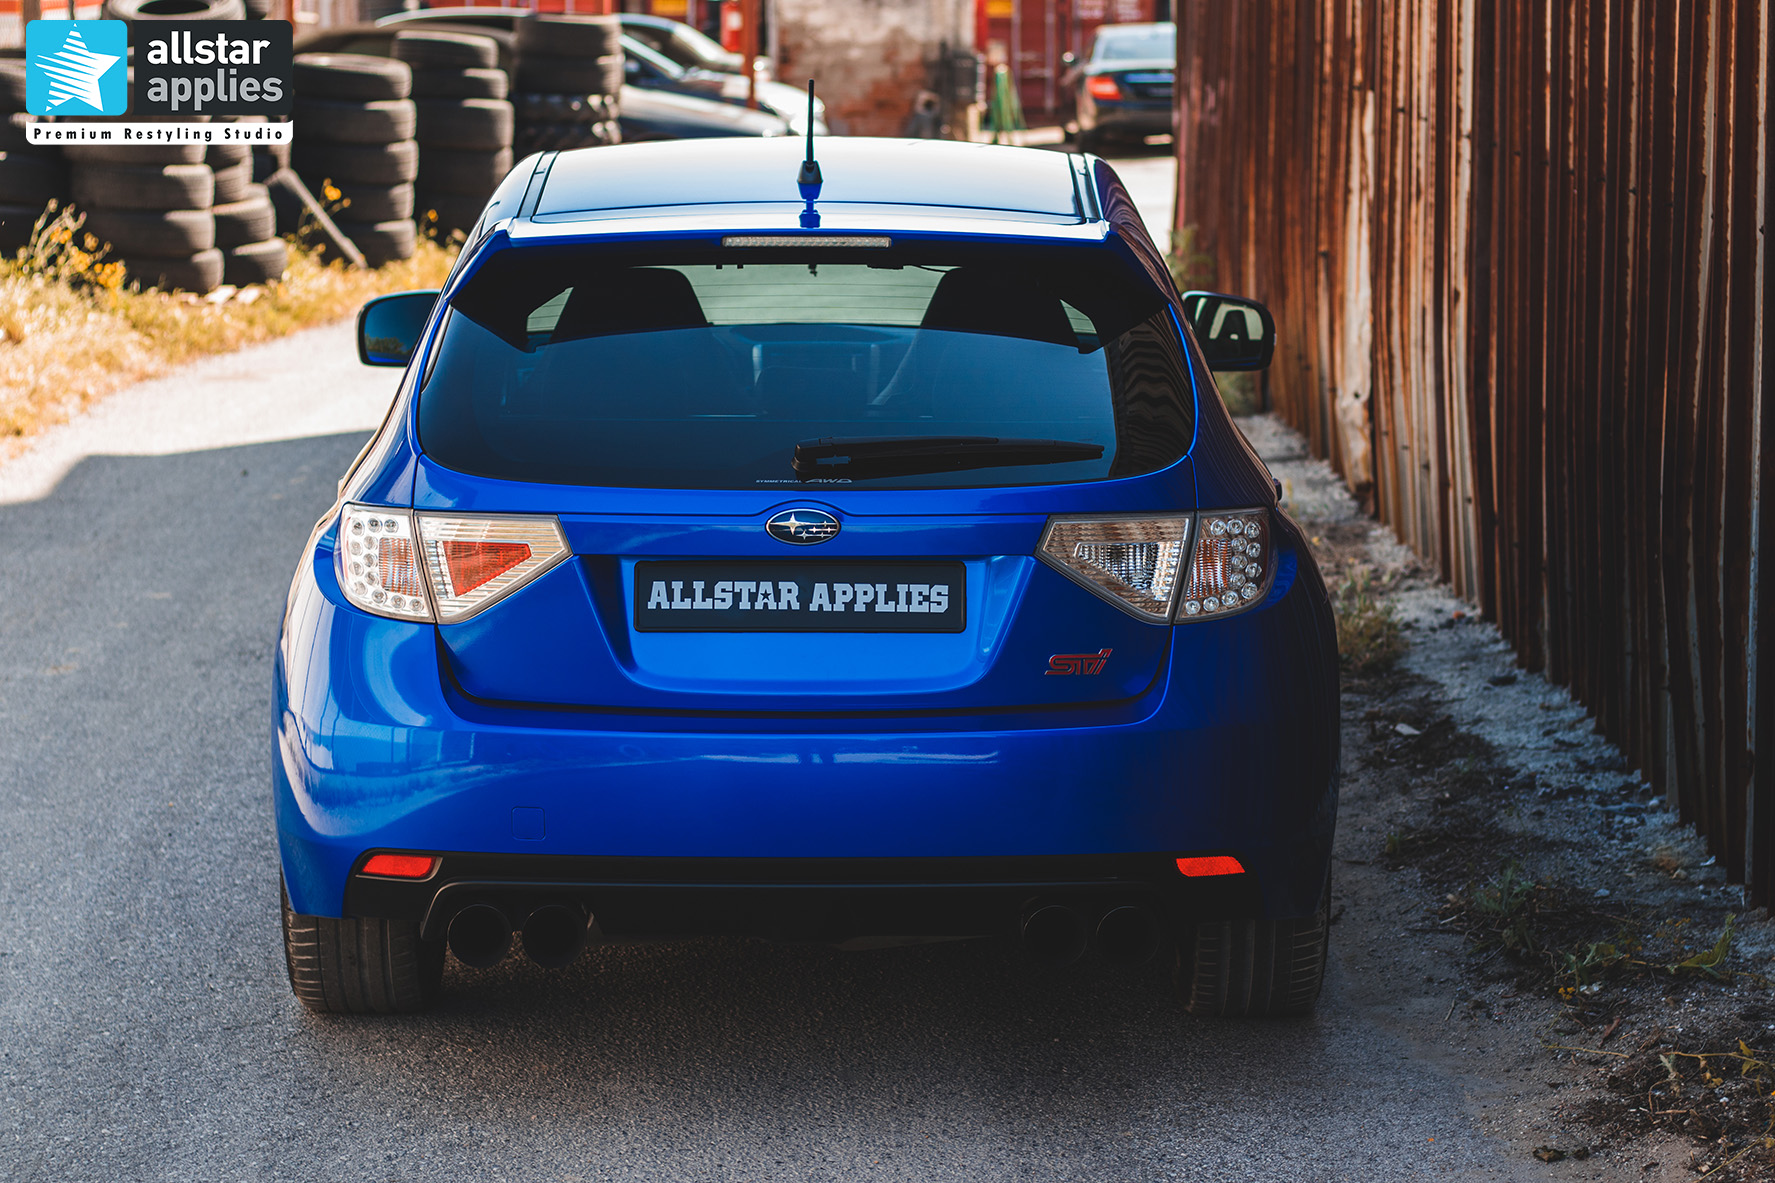 Αλλαγή χρώματος αυτοκινήτου με μεμβράνες σε subaru impreza wrx στη Θεσσαλονίκη Allstar Applies